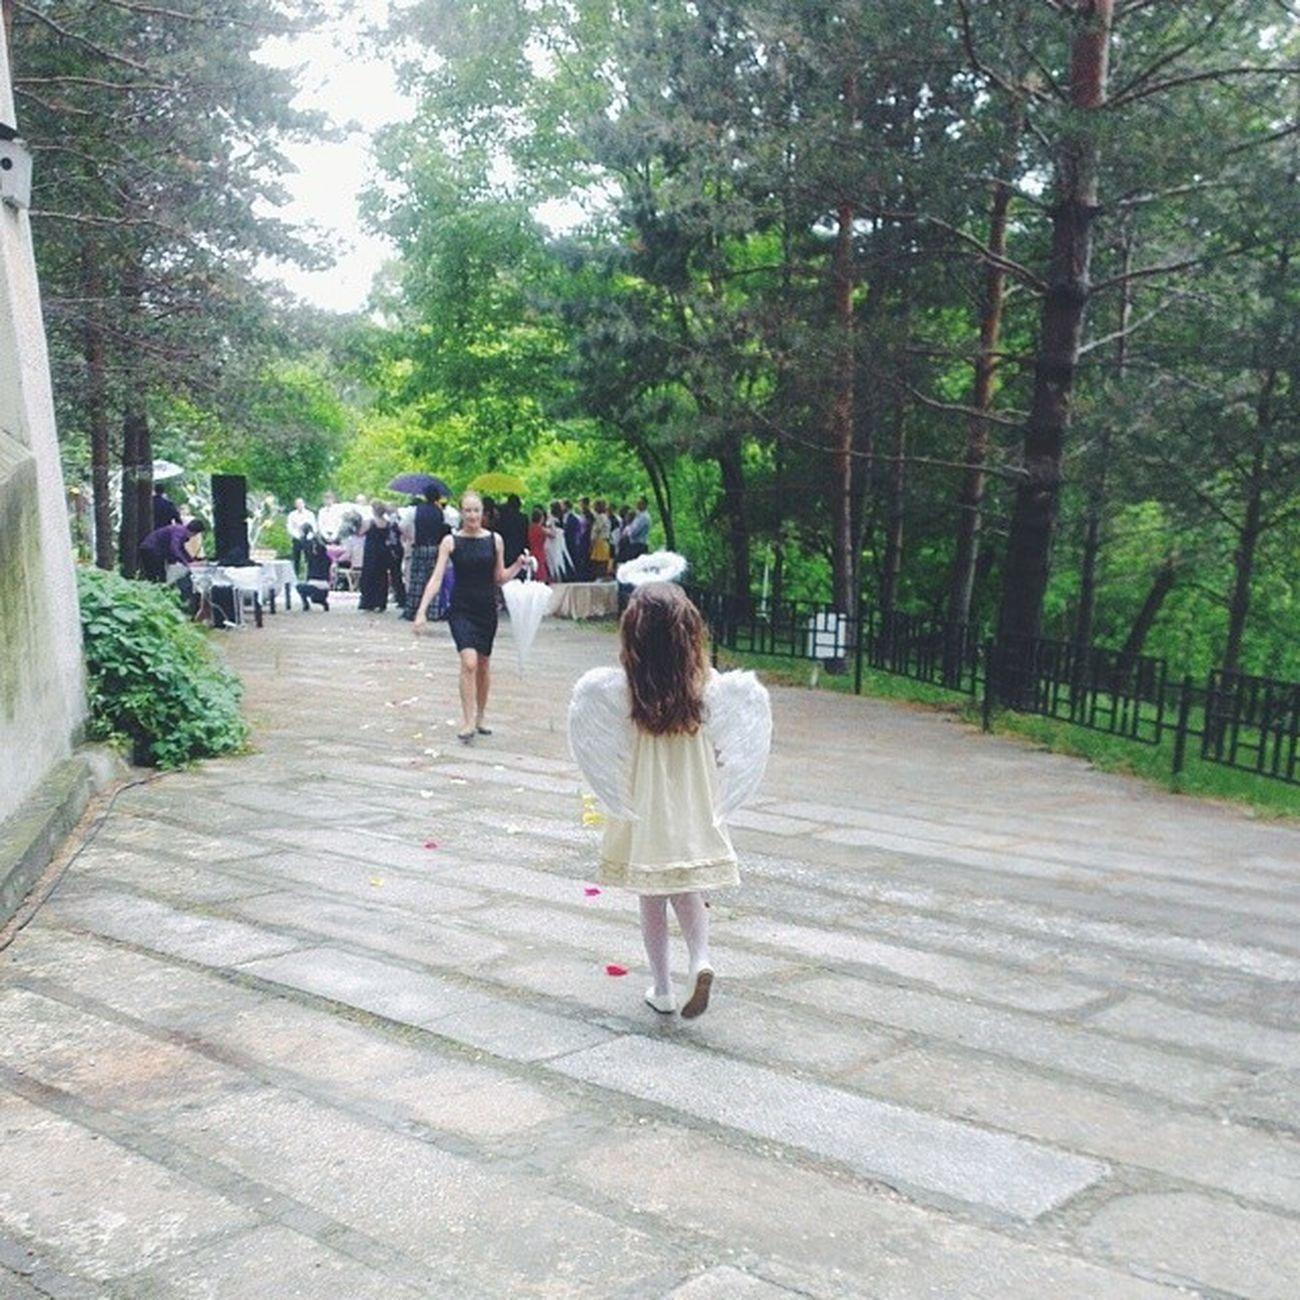 Выездная регистрация под зонтиками. Ангелок, несущий кольца, это так мило! Angel Wedding Vscocam